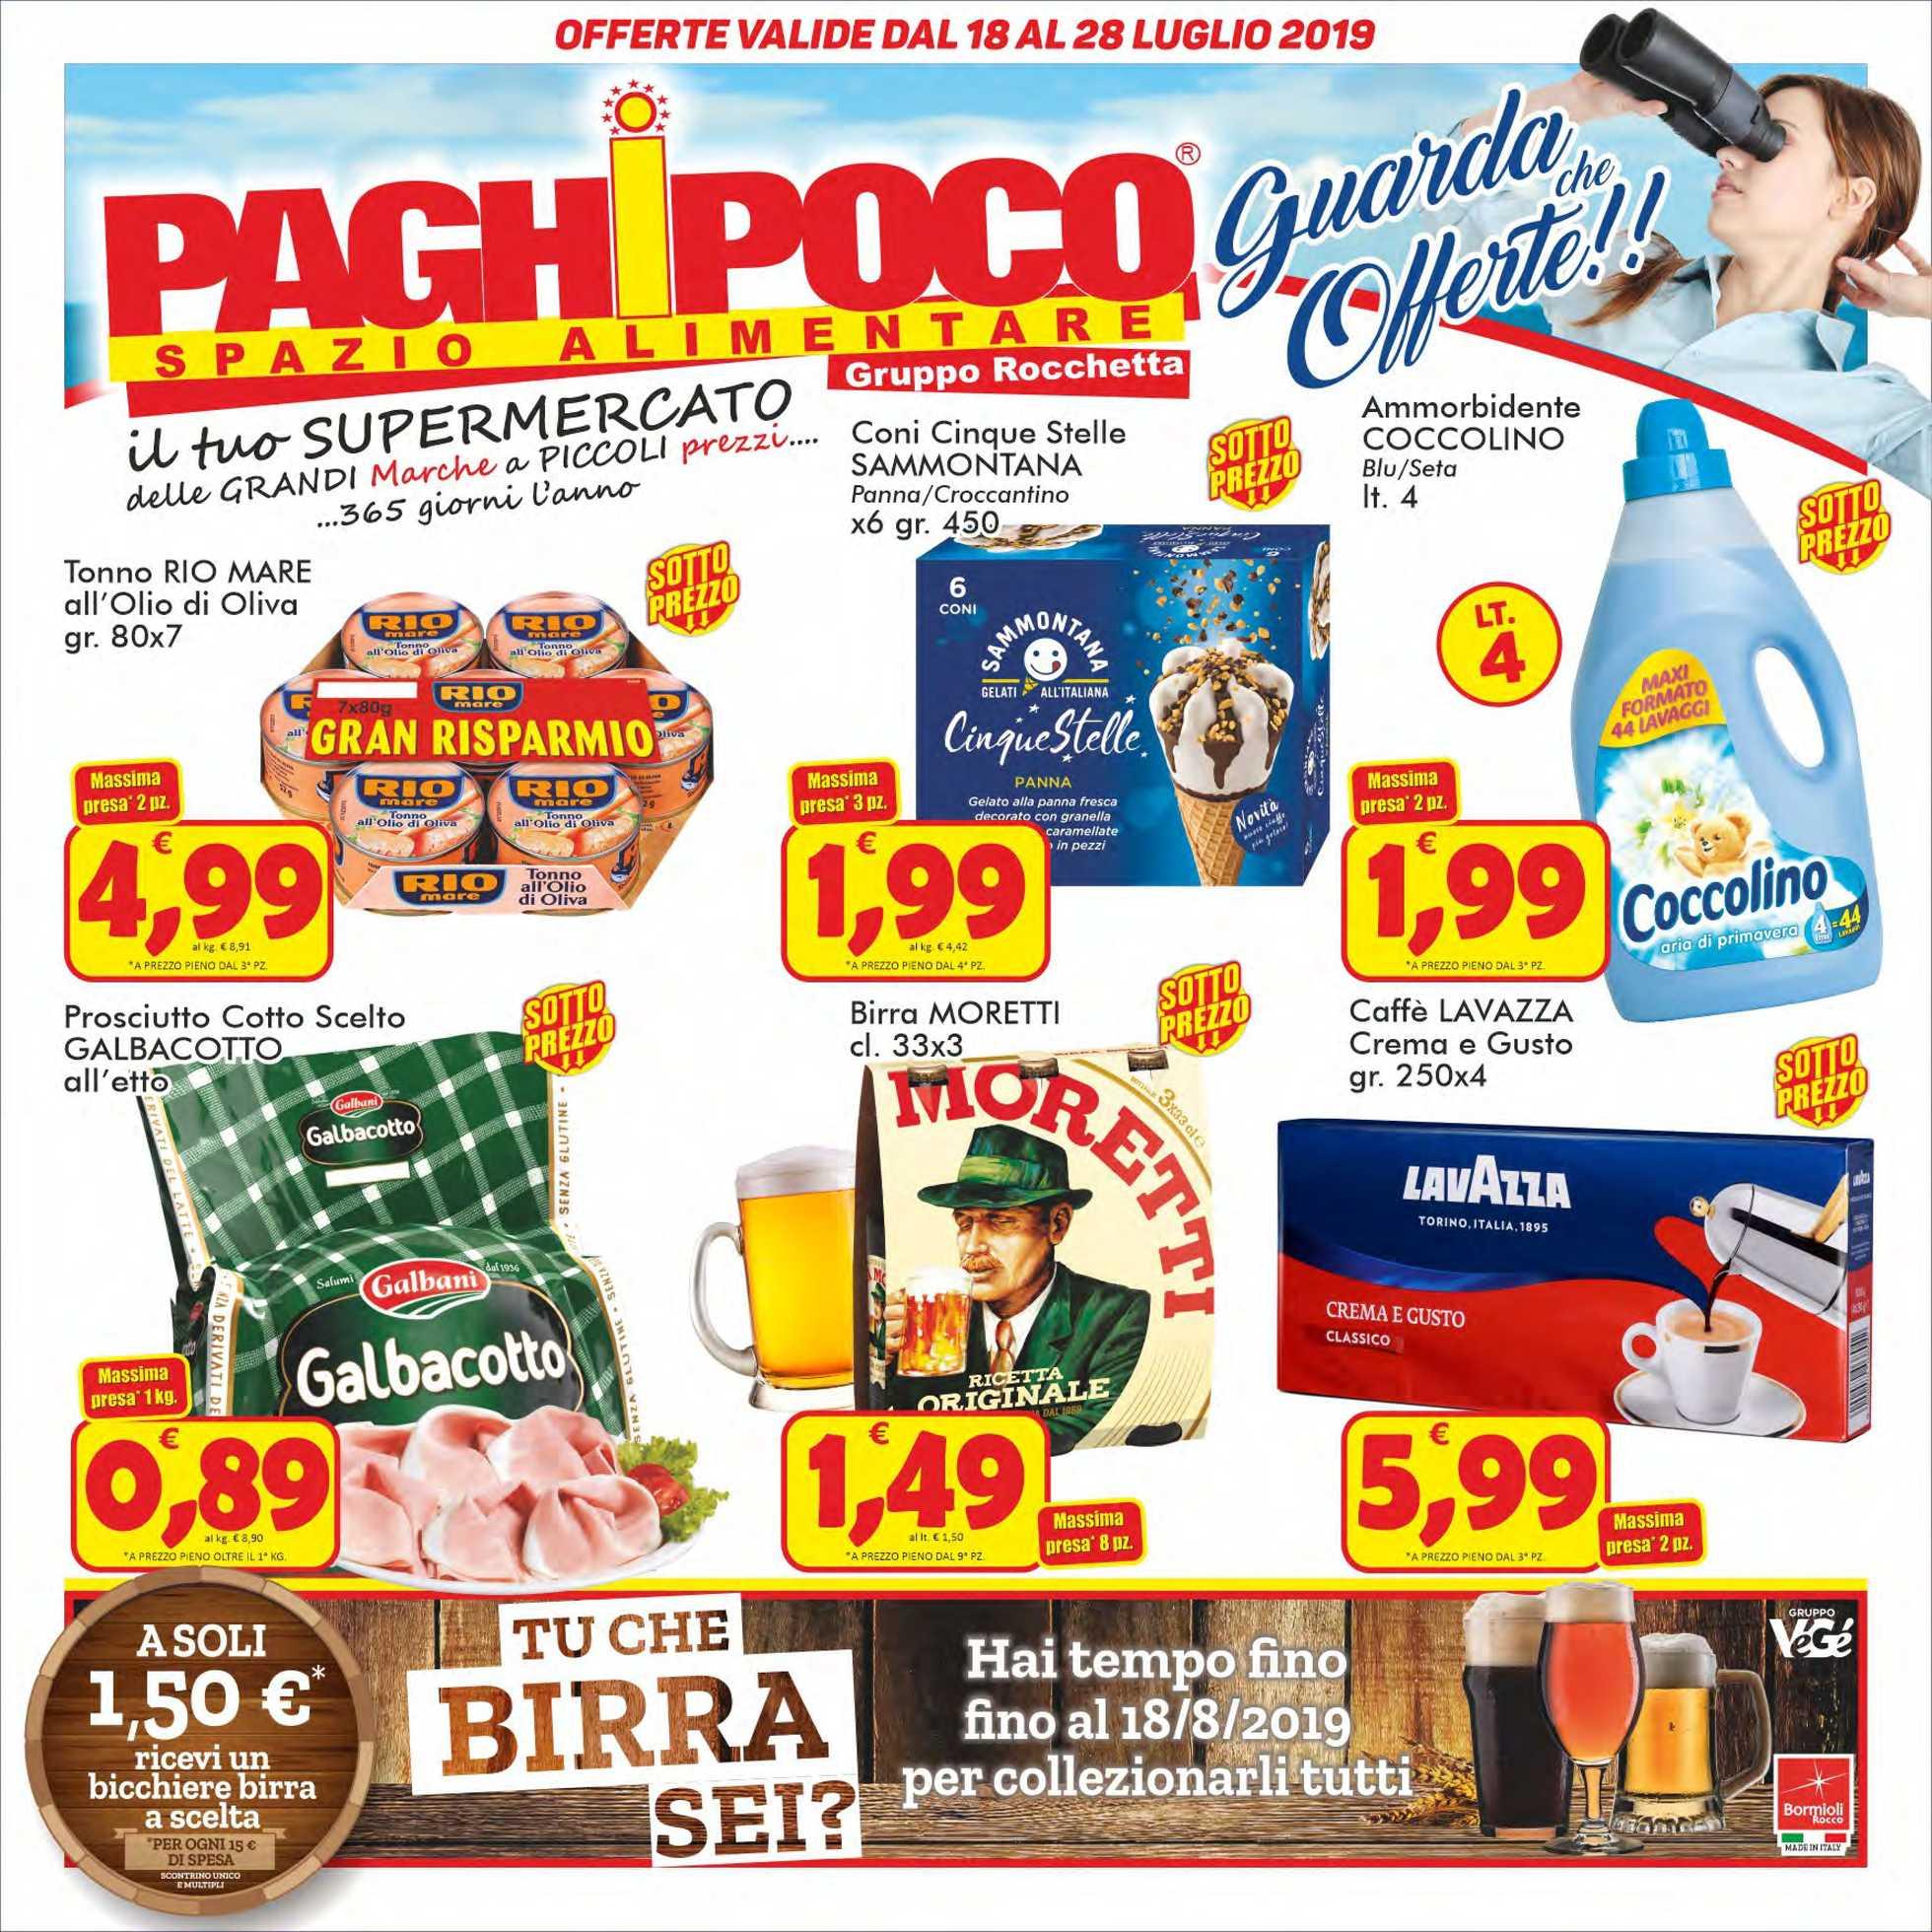 Paghi Poco - offerte valide dal 18.07.2019 al 28.07.2019 - pagina 1.